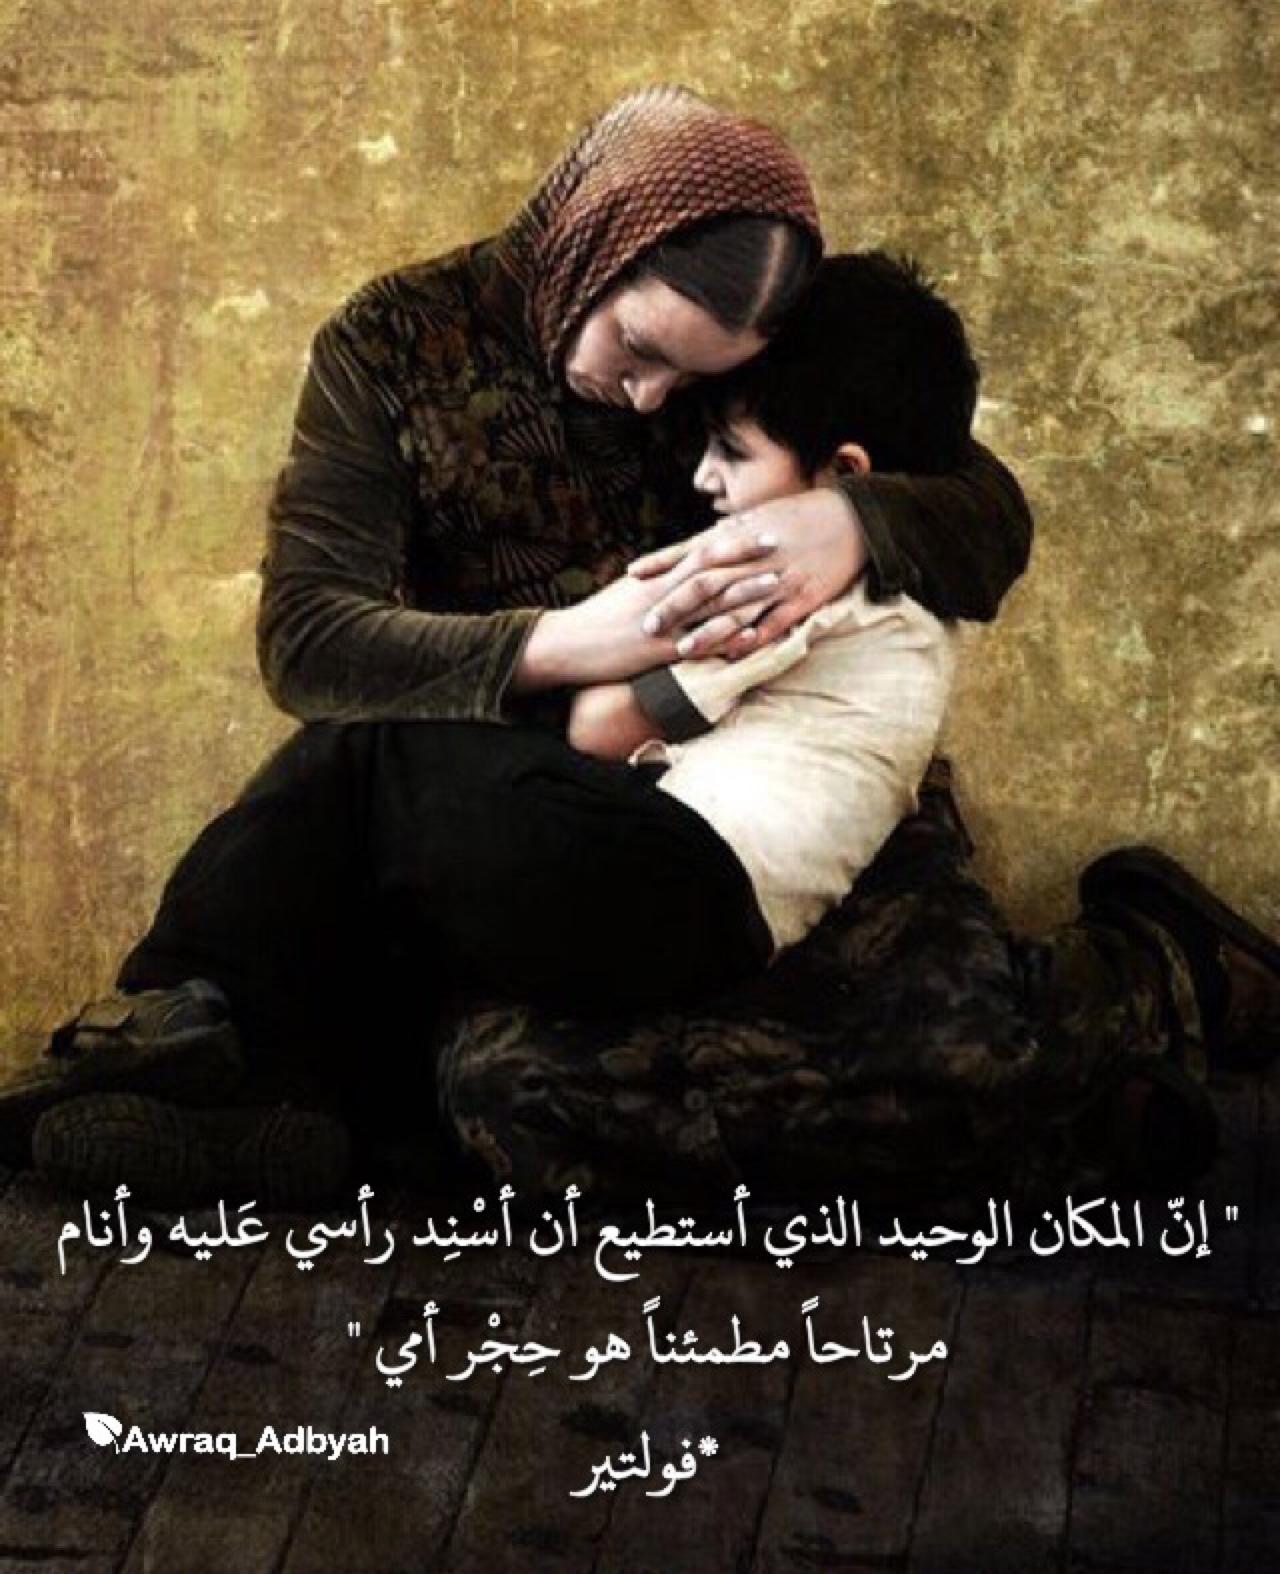 بالصور صور حزينه عن الام , اجمل ما قيل عن الام في عبارات حزينة 484 16